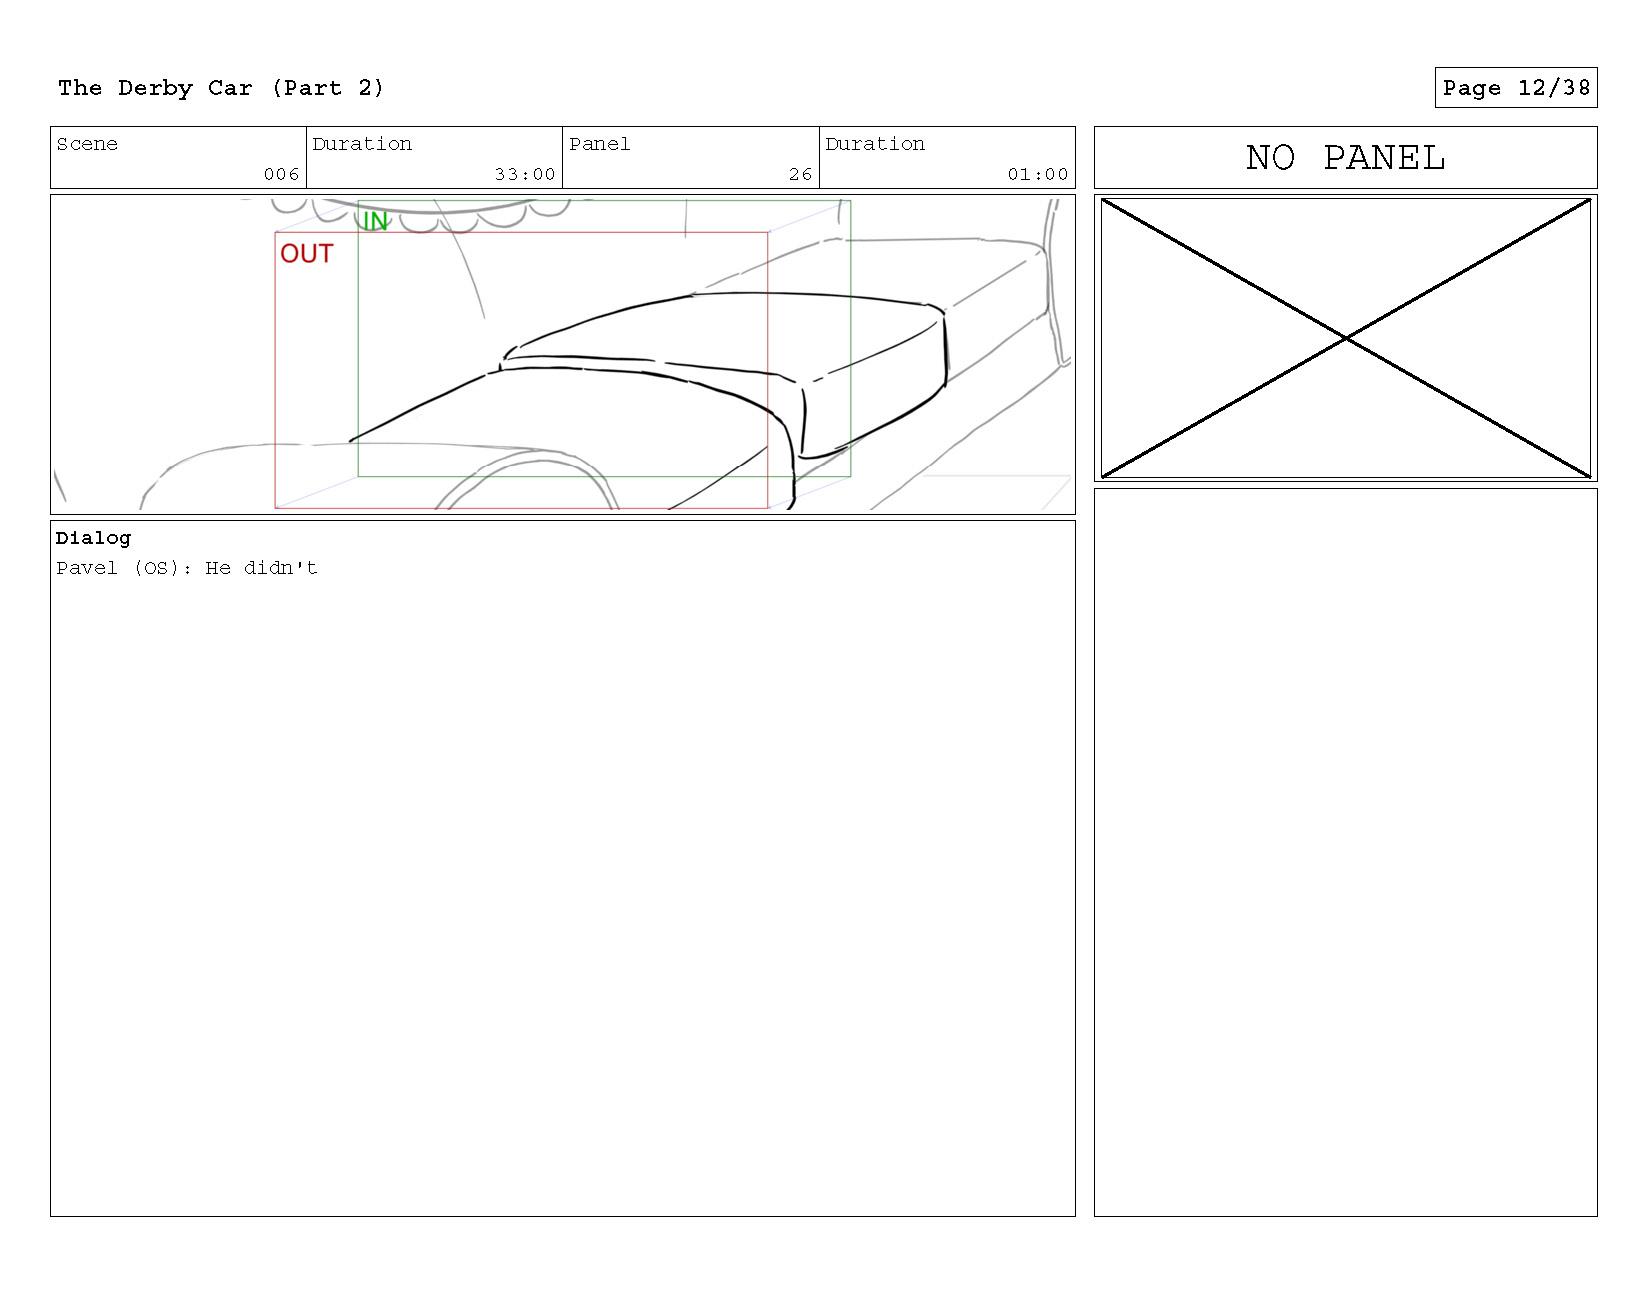 thelfer_derbycar2_Page_13.jpg